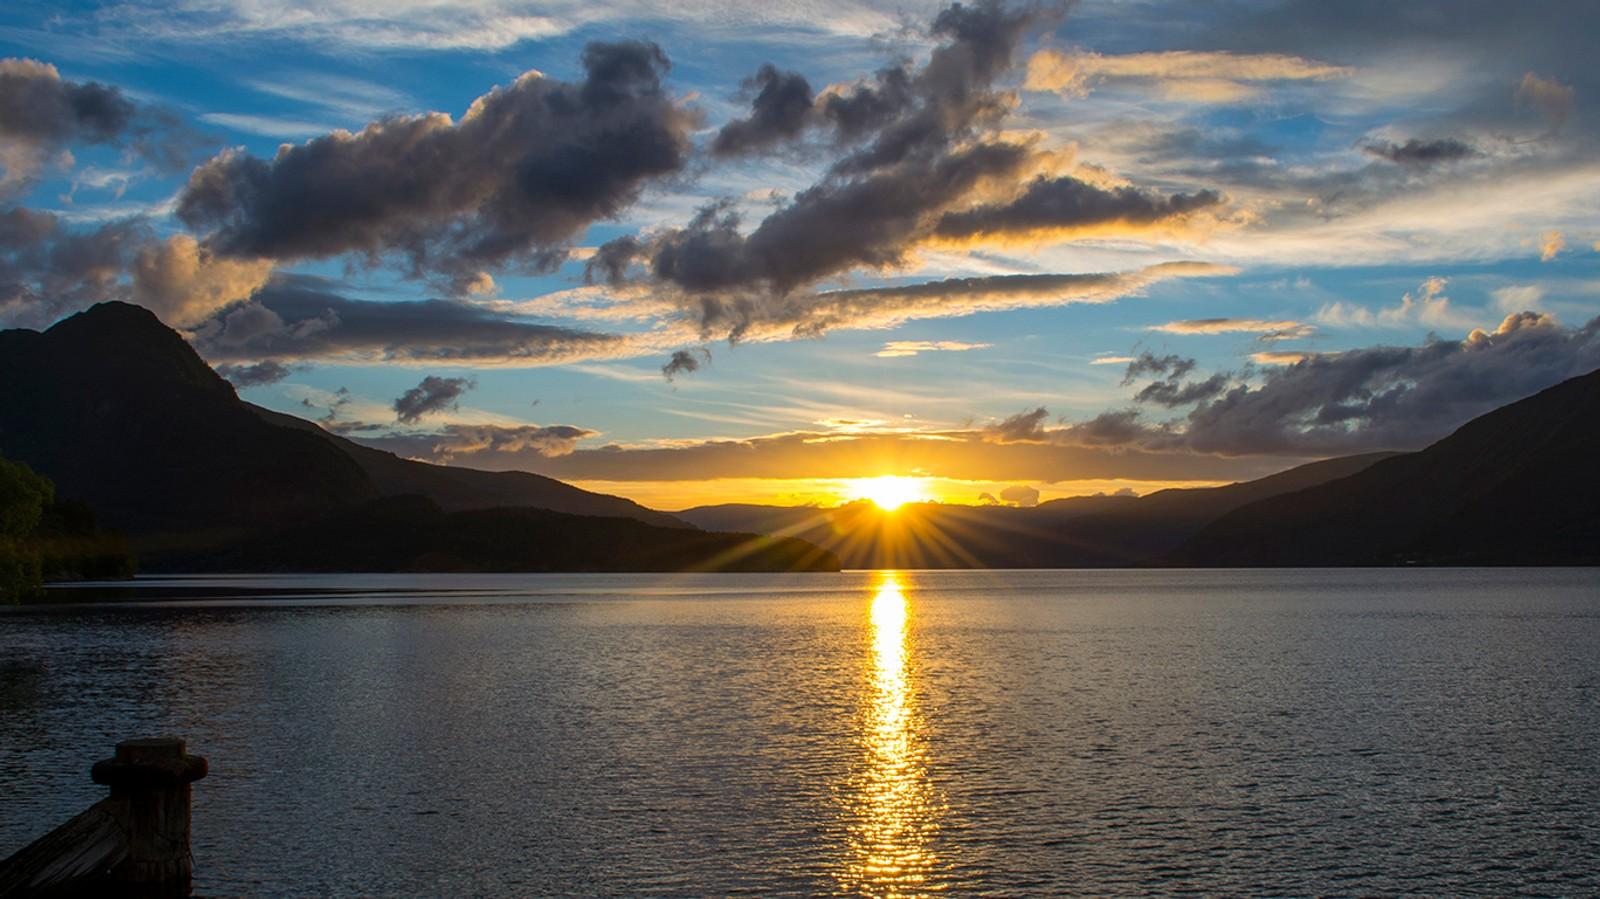 Solnedgang blir aldri feil!